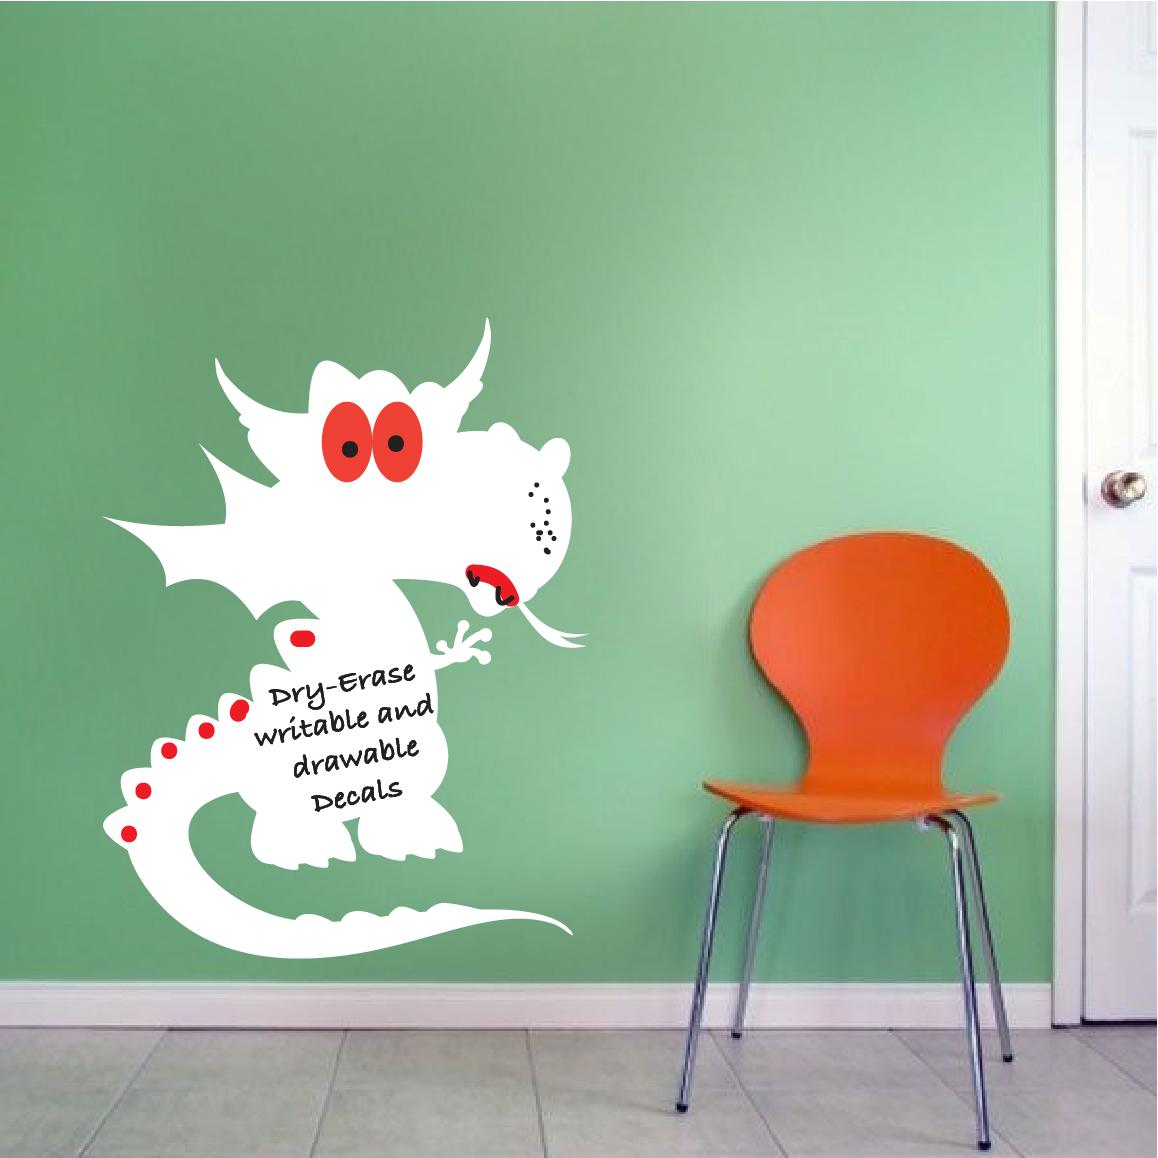 Beau Dry Erase Dragon Wall Decal